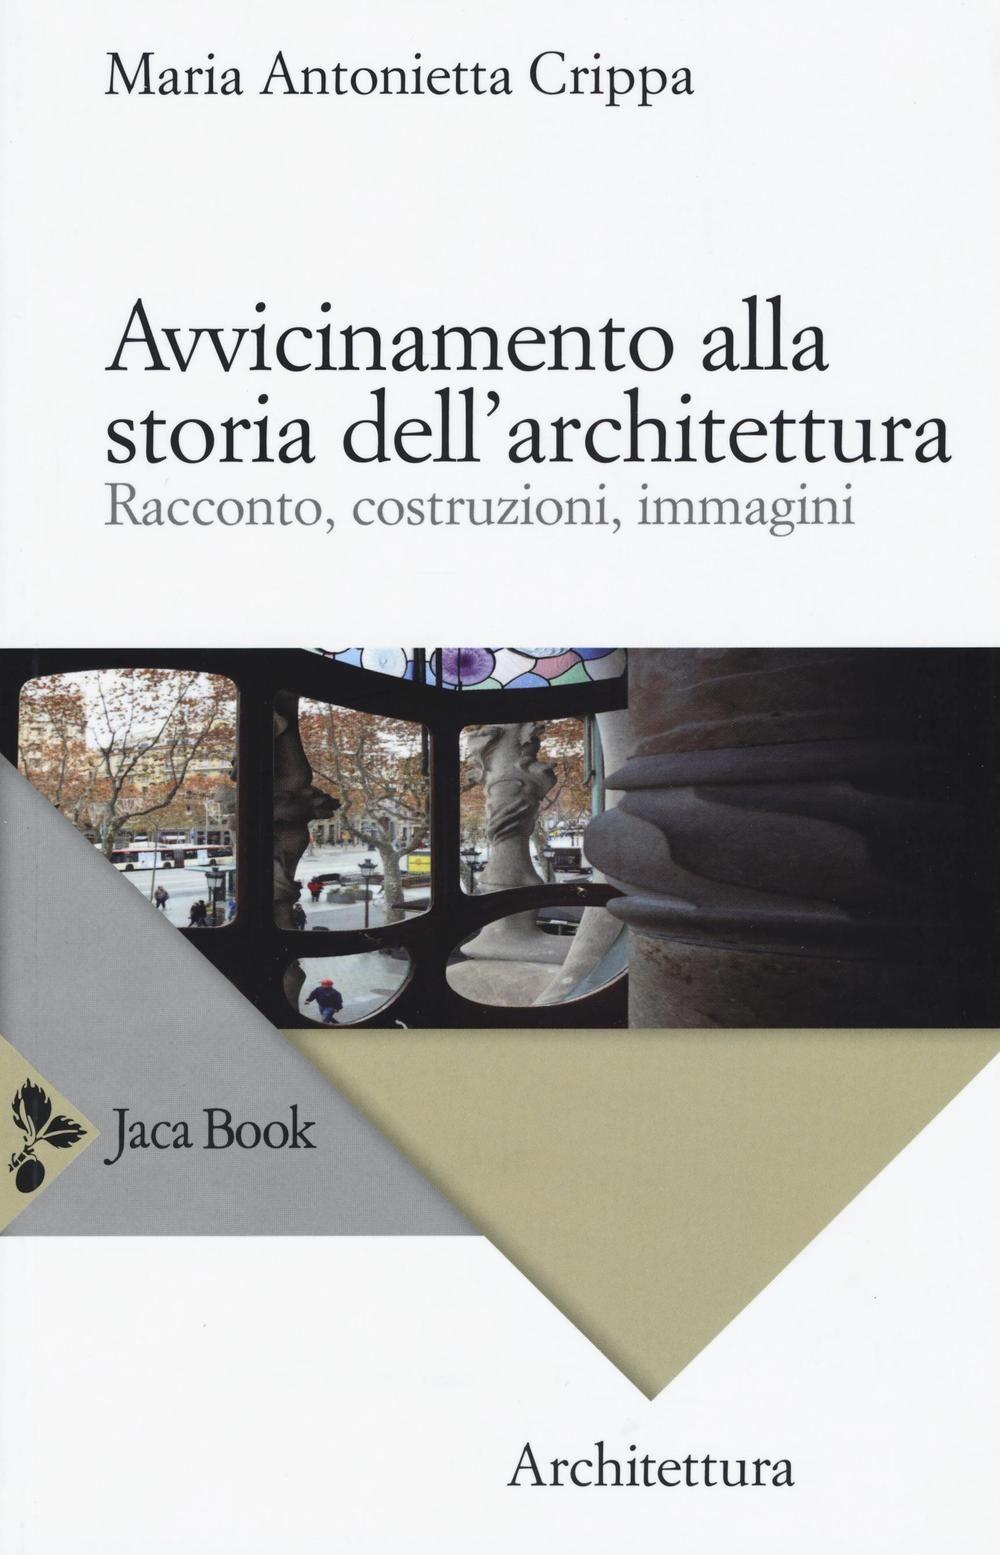 Avvicinamento alla storia dell'architettura. Racconto, costruzioni, immagini